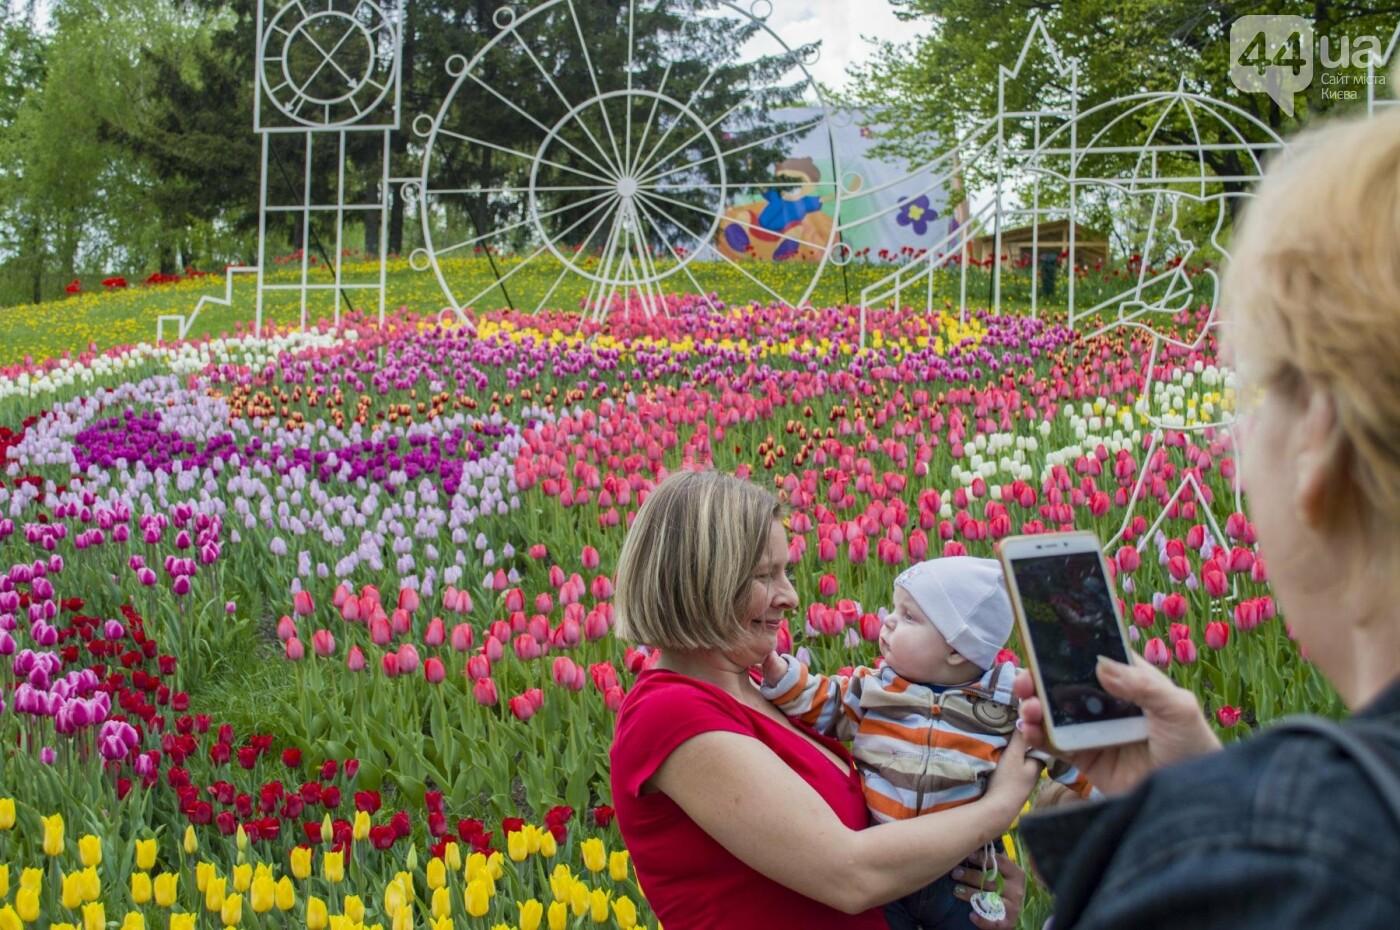 В Киеве открылась масштабная выставка тюльпанов, фото-5